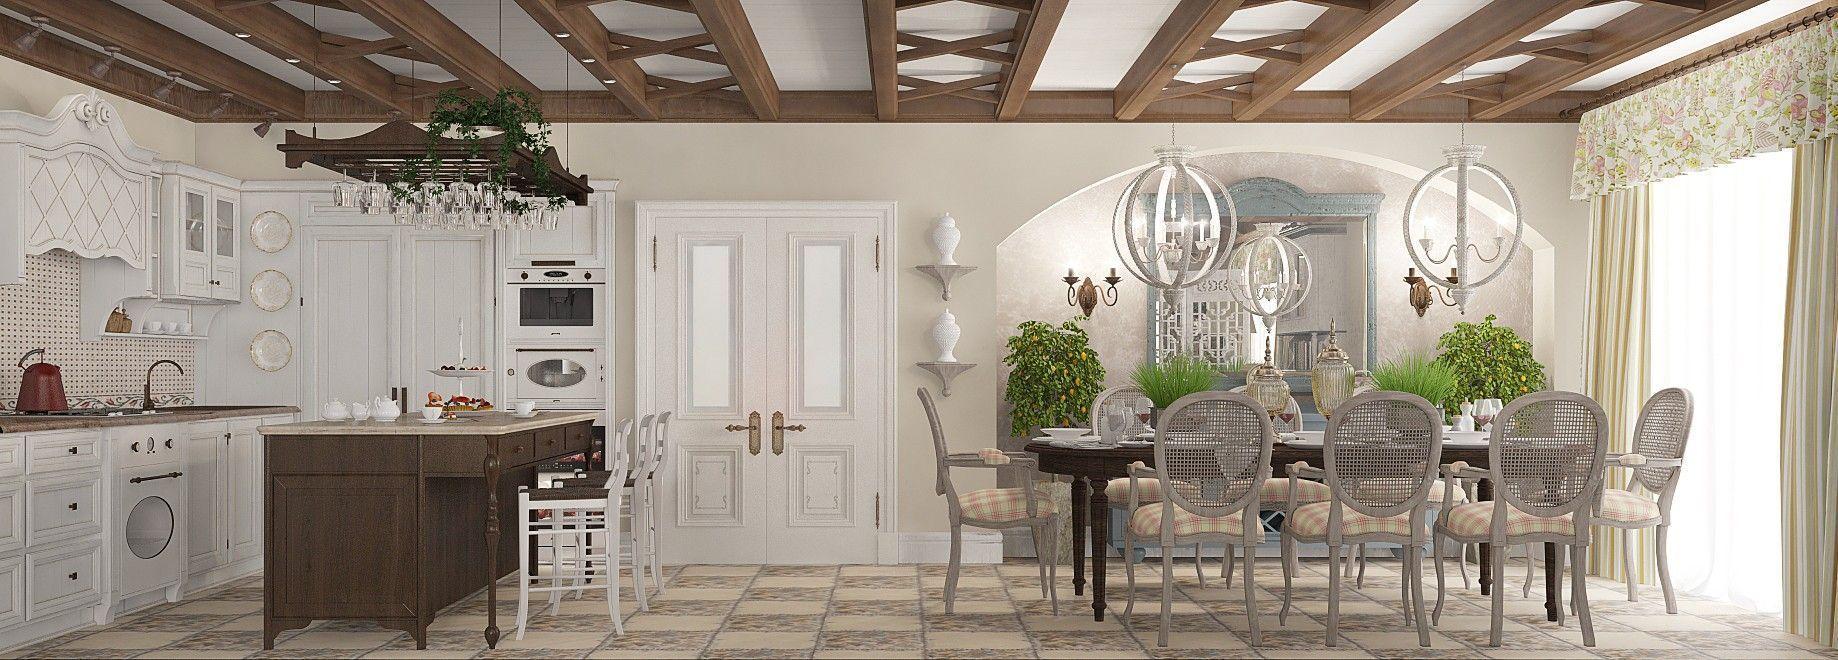 Кухня-столовая - дизайн - проект